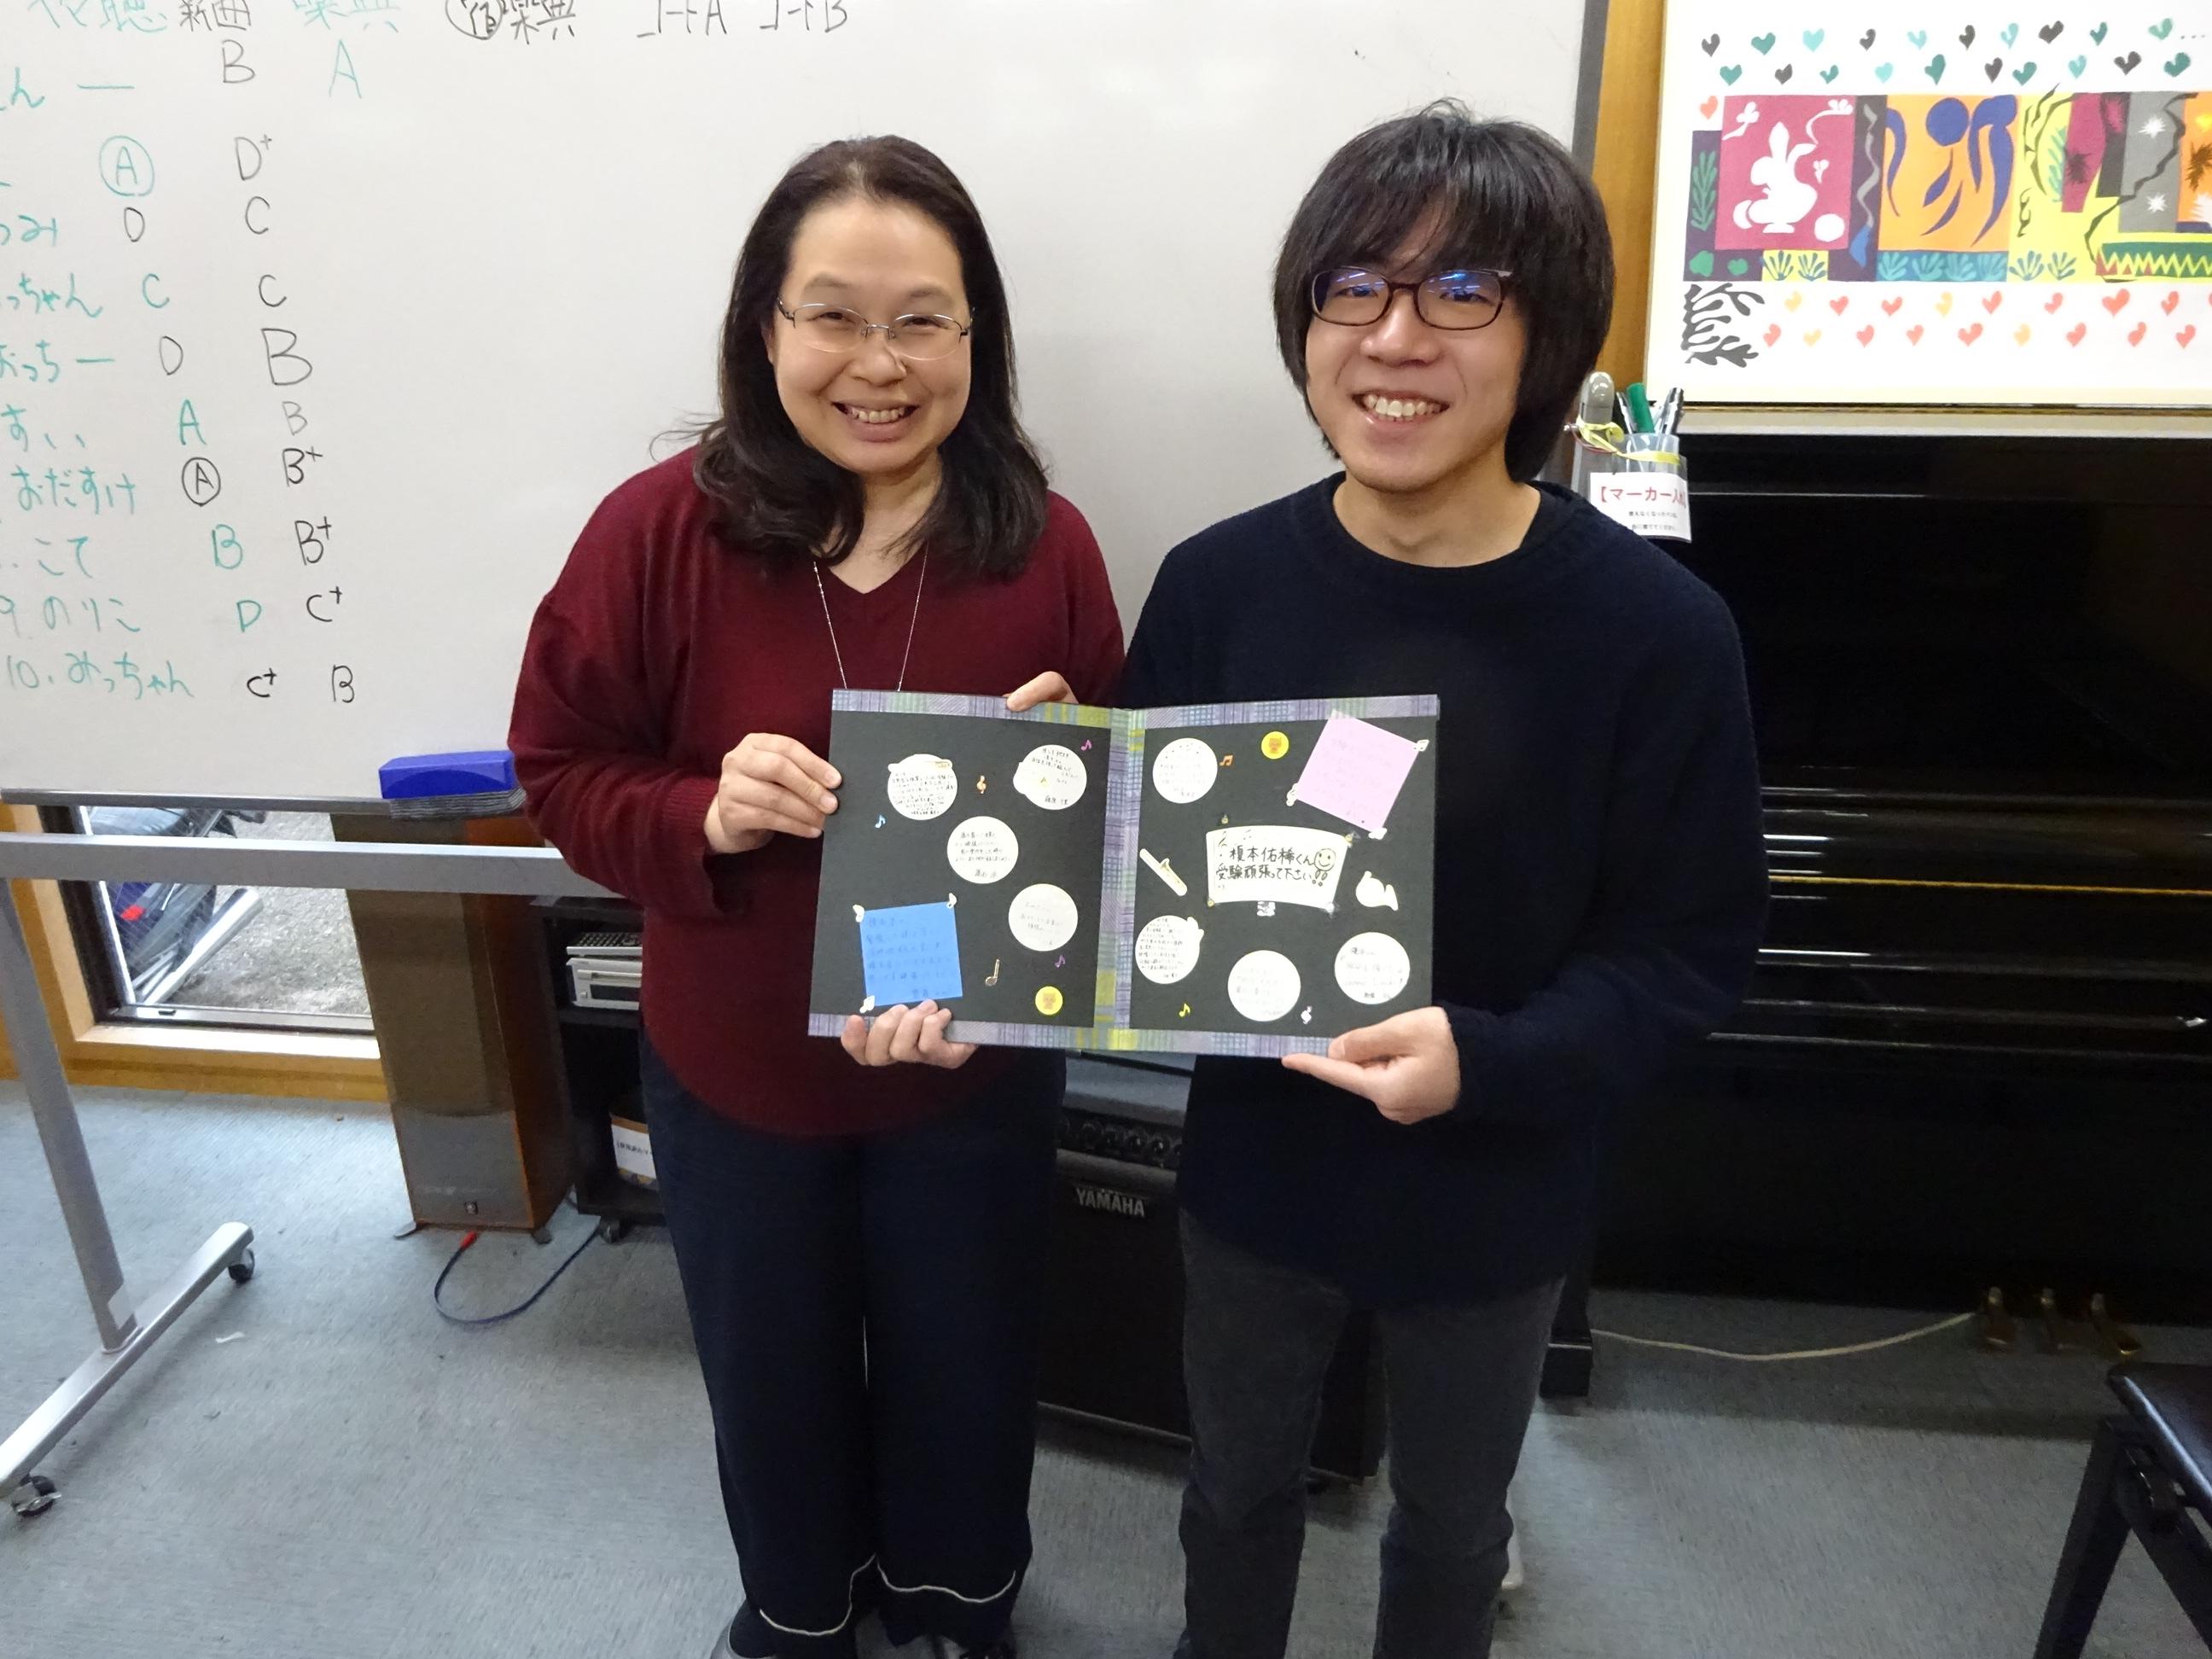 寄せ書きを受け取った受講生と園田先生のツーショット写真。